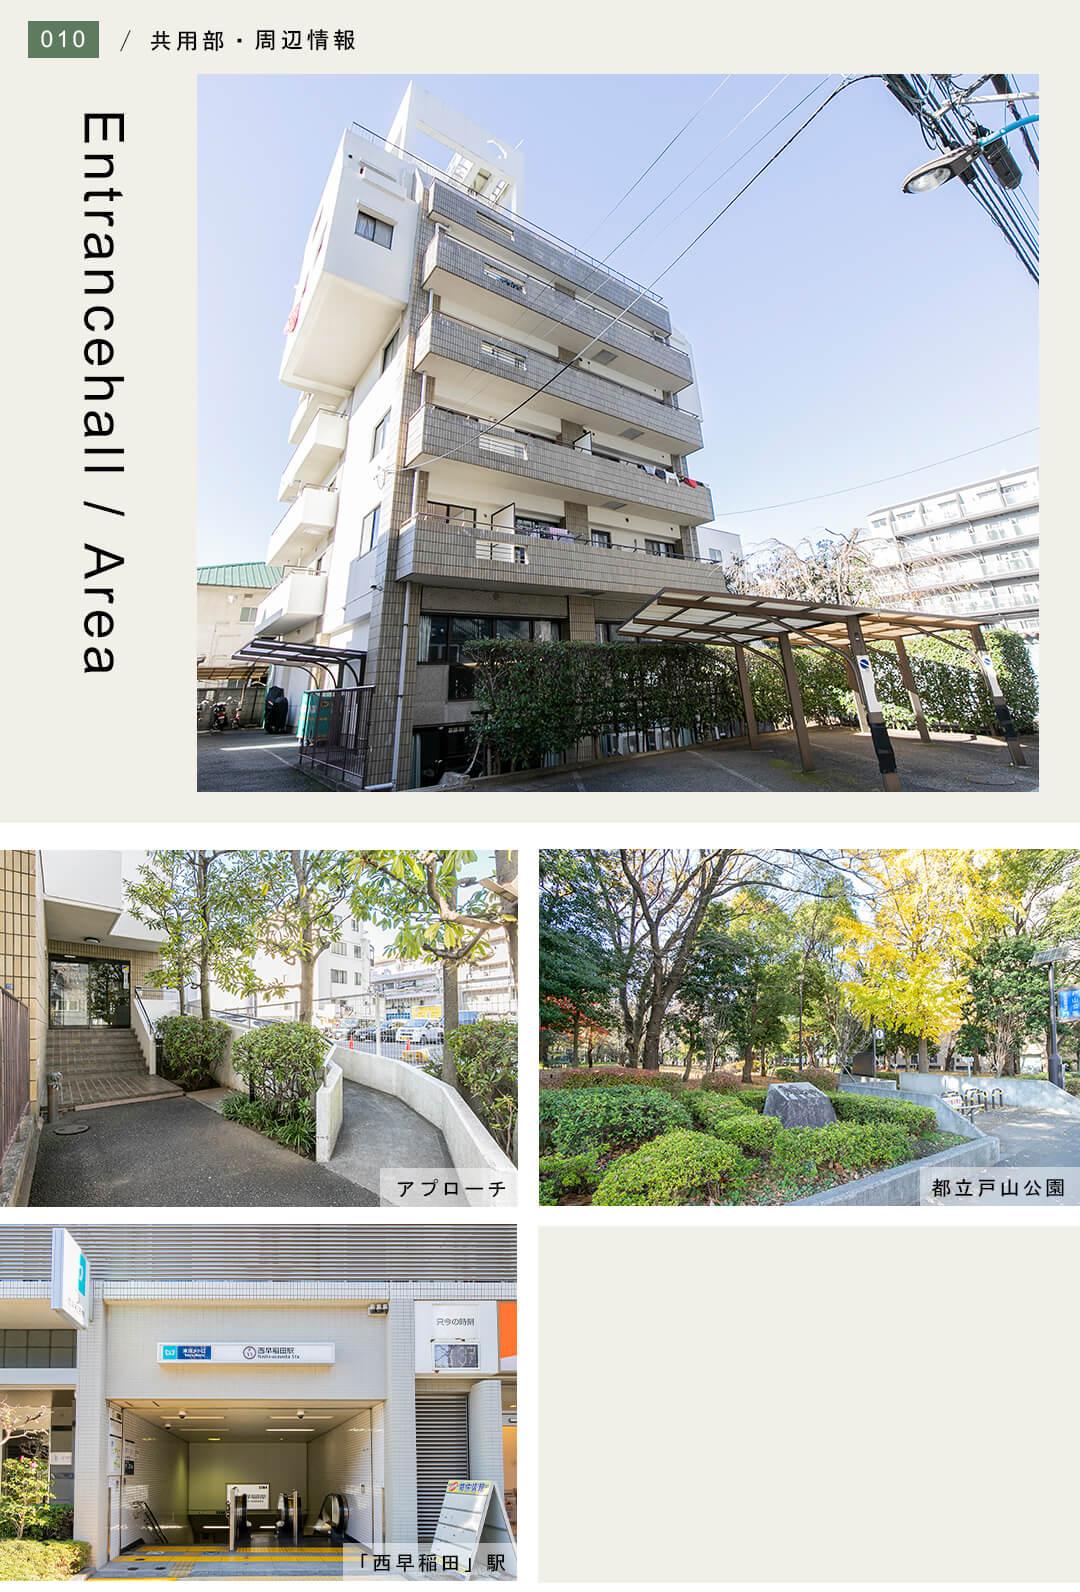 パールグリーン新宿の外観と共用部と周辺情報